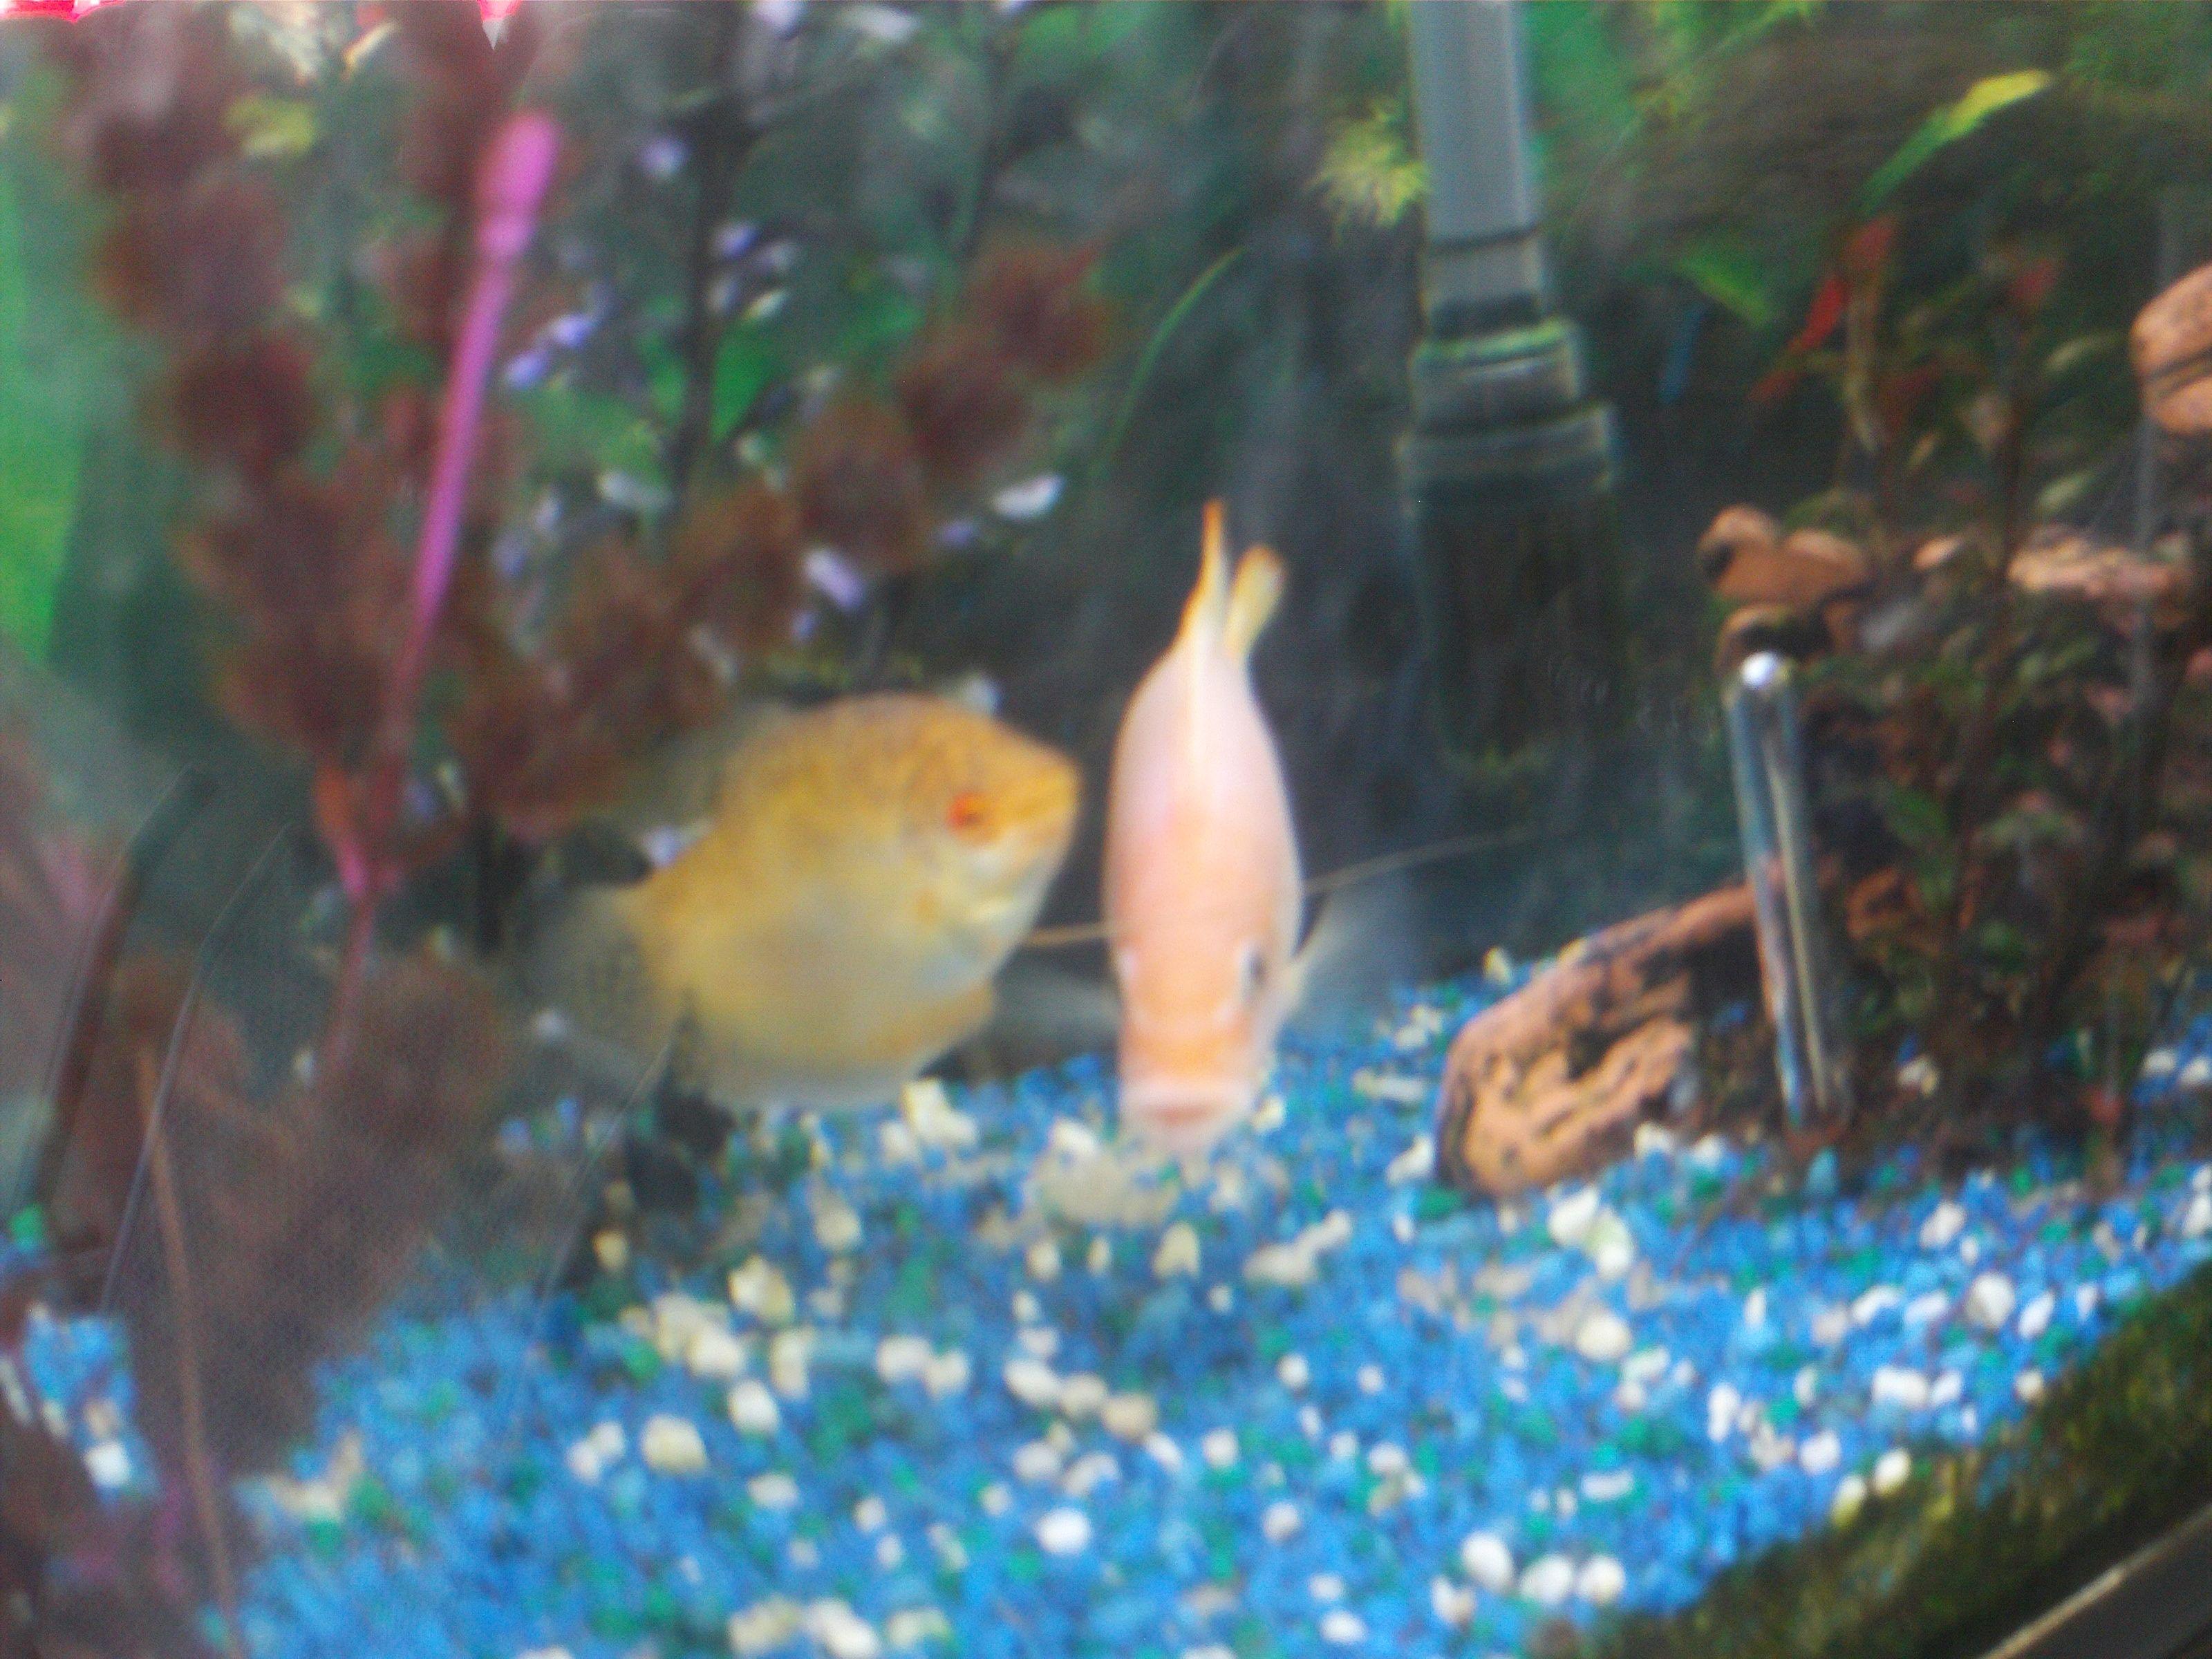 Freshwater aquarium fish boise idaho -